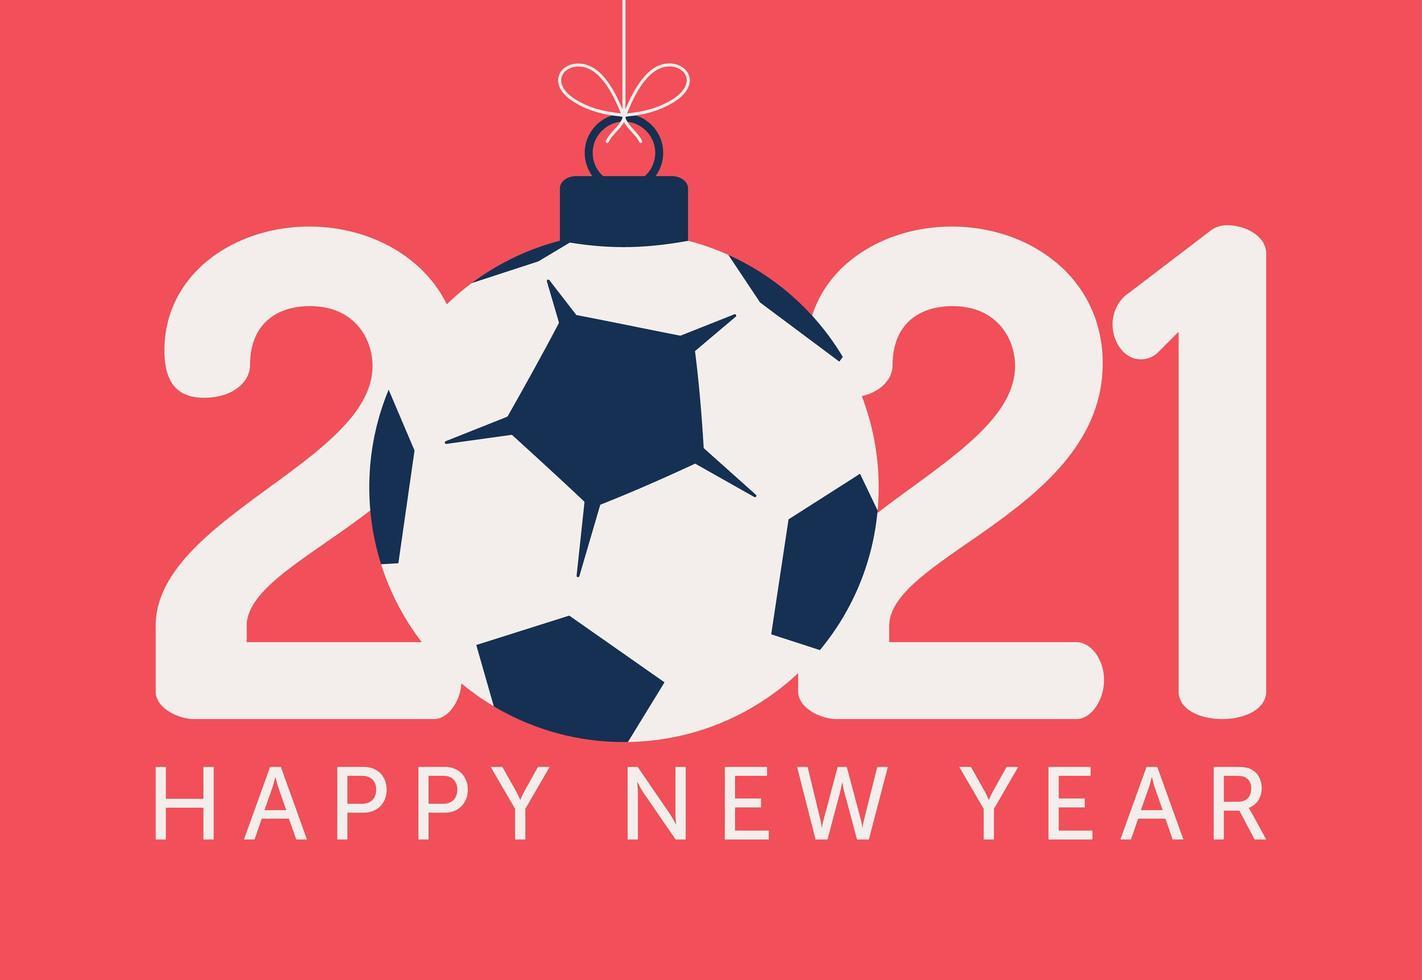 2021 nyårs typografi med fotboll eller fotboll prydnad vektor